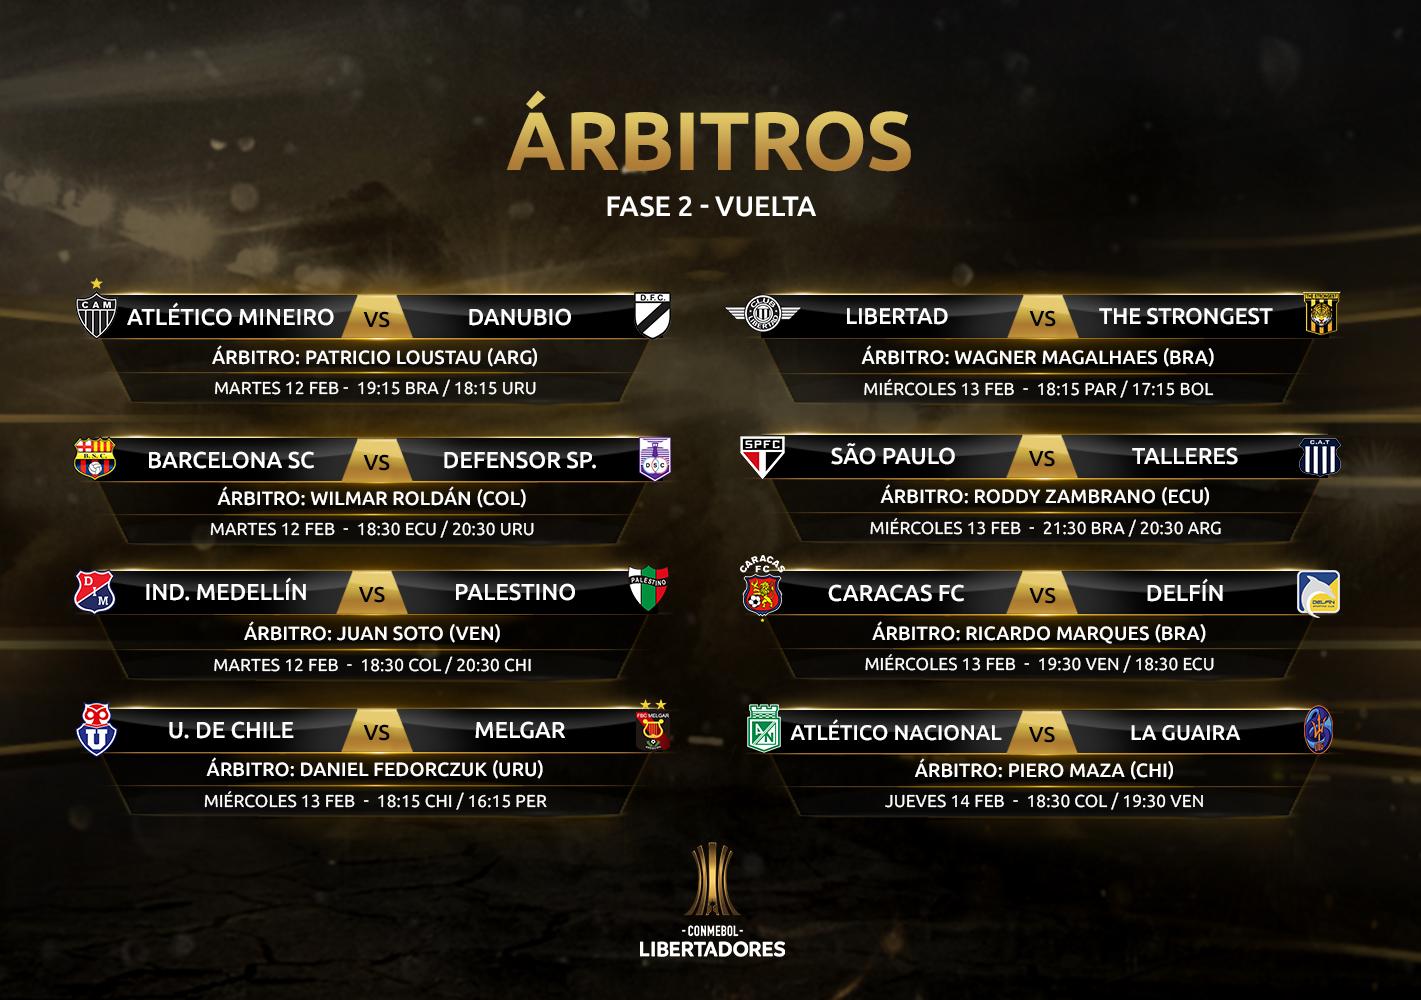 Arbitros revanchas Fase 2 Copa Libertadores 2019